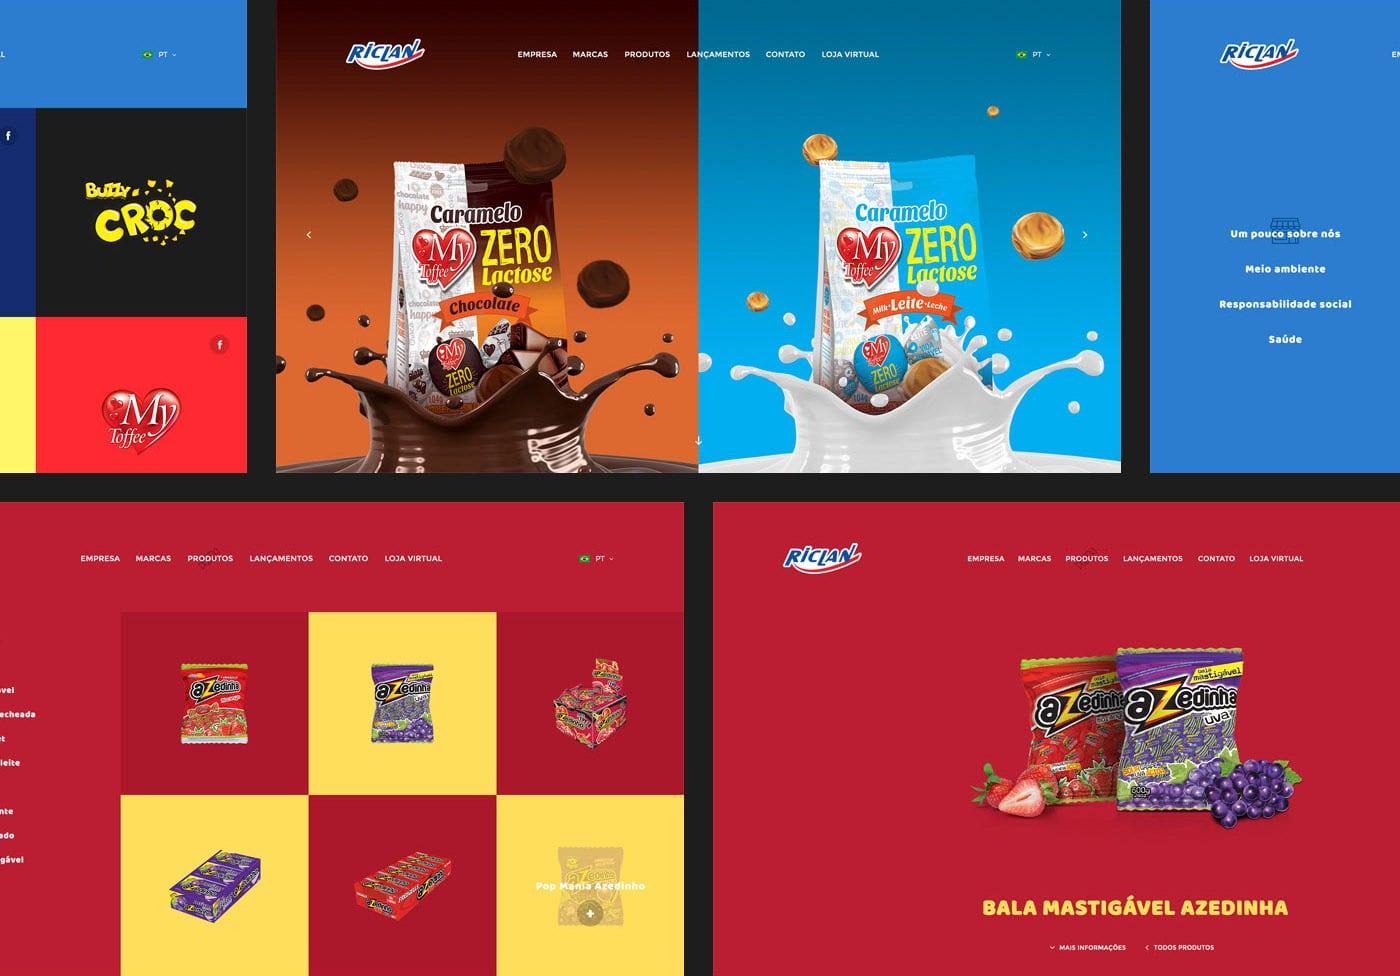 8a89c456330847.59a9aec2ab554 1 - Ainda mais colorido e divertido - Conheça o novo site da Riclan!